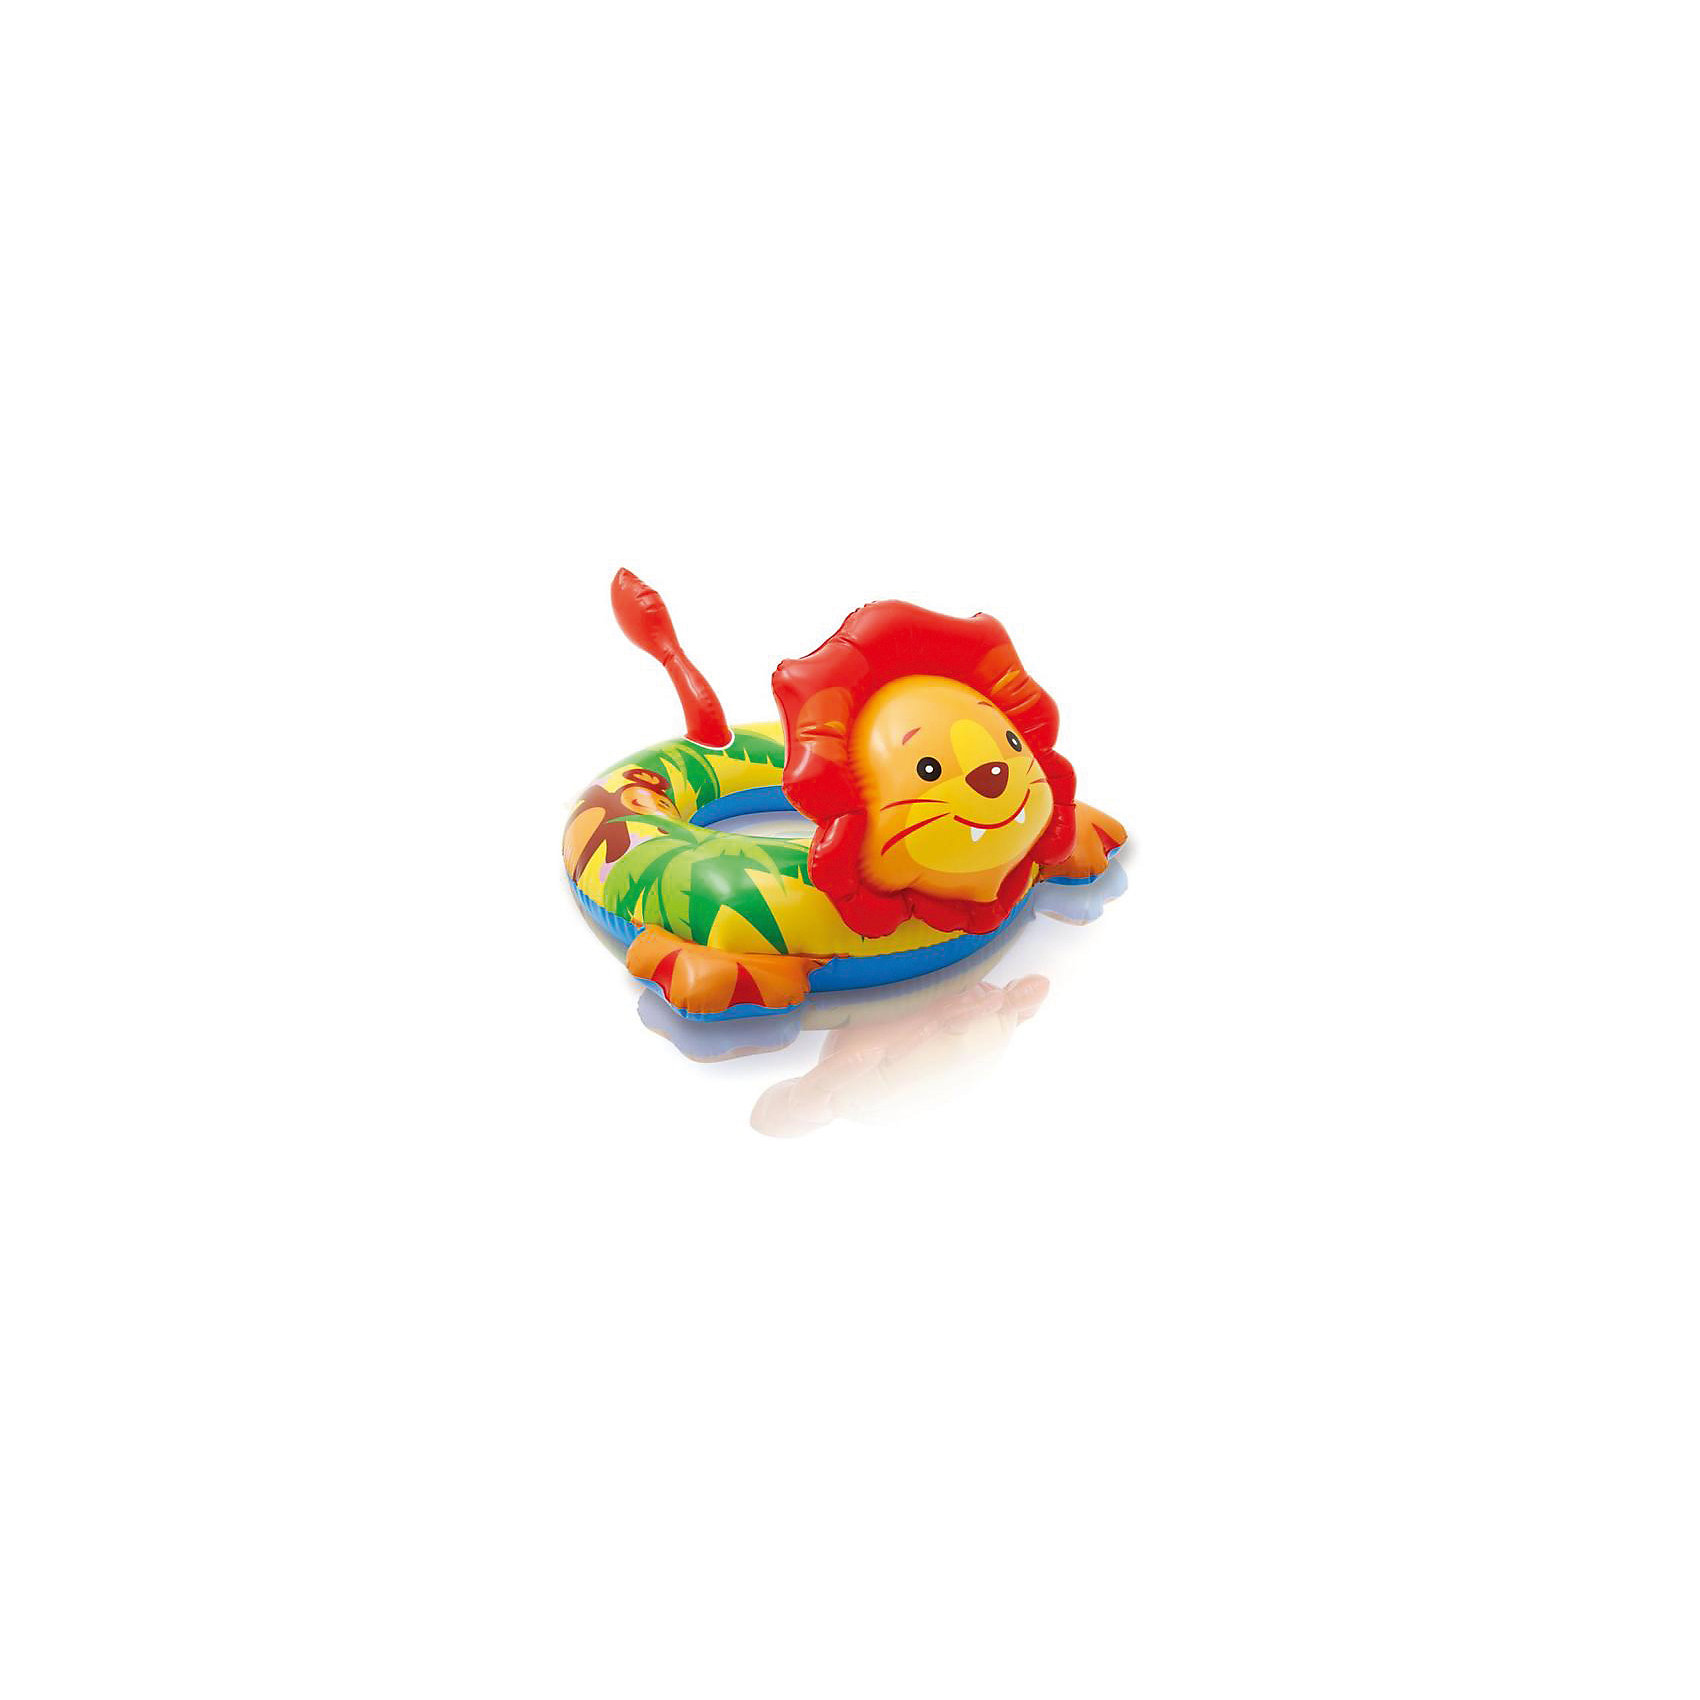 Детский надувной круг Зверюшка - Лев, IntexКруги и нарукавники<br>Характеристики товара:<br><br>• размер: 81x56 см.<br>• толщина винила 0,20 мм.<br>• максимальная нагрузка до 20 кг.<br>• гладкий внутренний шов<br>• двойной клапан<br><br>Детский надувной круг от Intex (Интекс), выполненный в виде очаровательной зверюшки, замечательно подойдет для обучения малыша плаванию. <br><br>Круг изготовлен из прочного винила, его окраска нанесена не сверху, а как бы пропитывает материал, поэтому не стирается и не выцветает. <br><br>Двойной клапан исключает случайное травление воздуха. <br><br>Детский надувной круг Зверюшка, Intex (Интекс) можно купить в нашем интернет-магазине.<br><br>Ширина мм: 190<br>Глубина мм: 128<br>Высота мм: 40<br>Вес г: 282<br>Возраст от месяцев: 36<br>Возраст до месяцев: 72<br>Пол: Унисекс<br>Возраст: Детский<br>SKU: 4801494